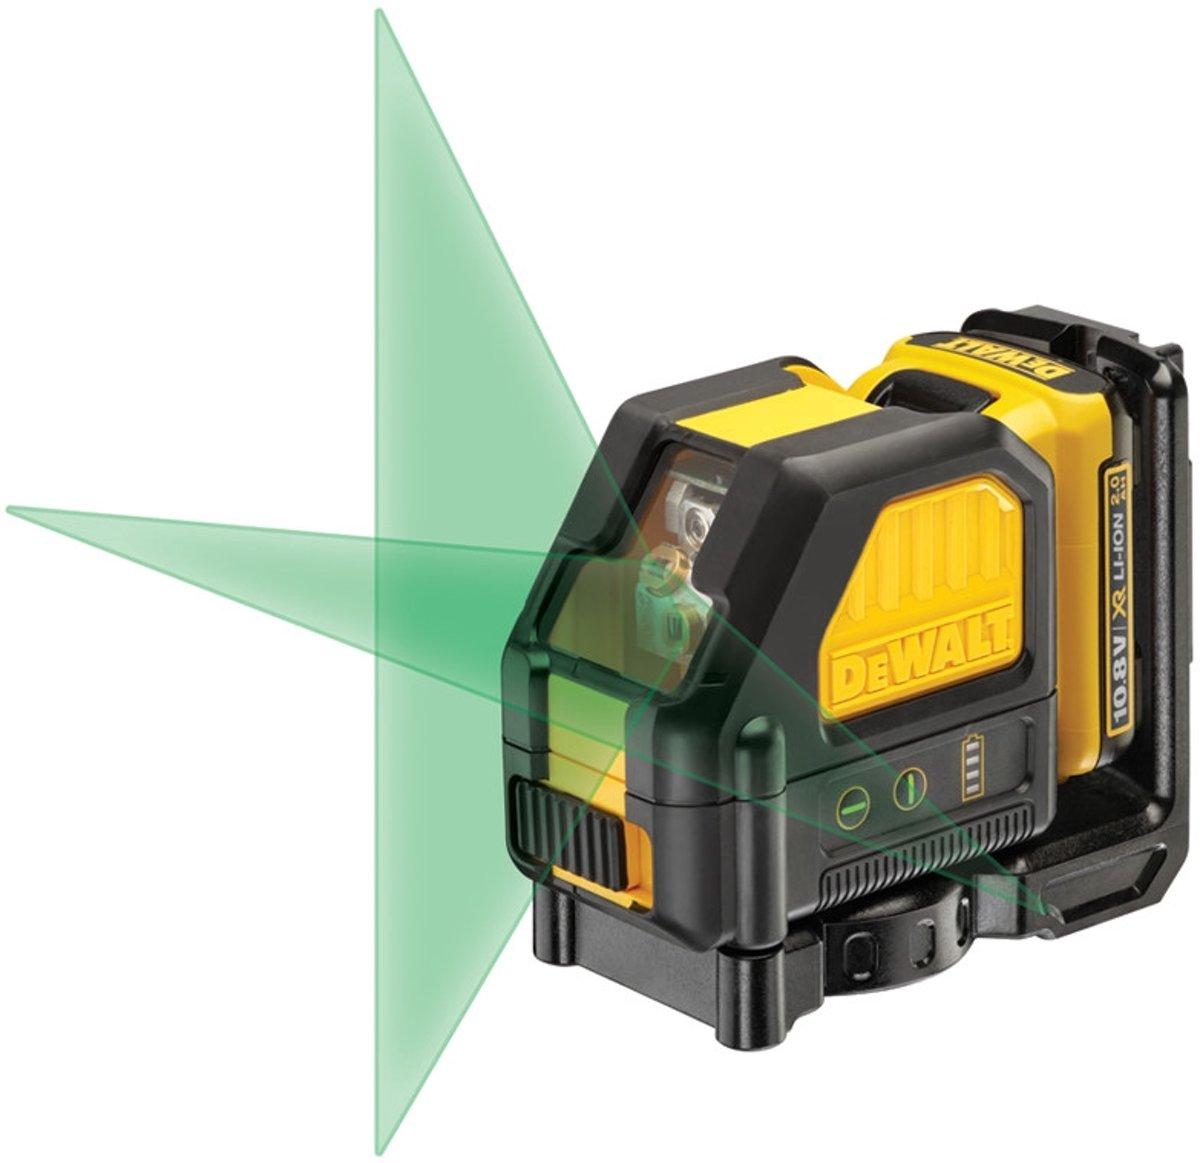 DeWALT DCE088D1G Zelfniv Kruislijnlaser Groen 10.8V 2.0Ah XR Li-ion kopen